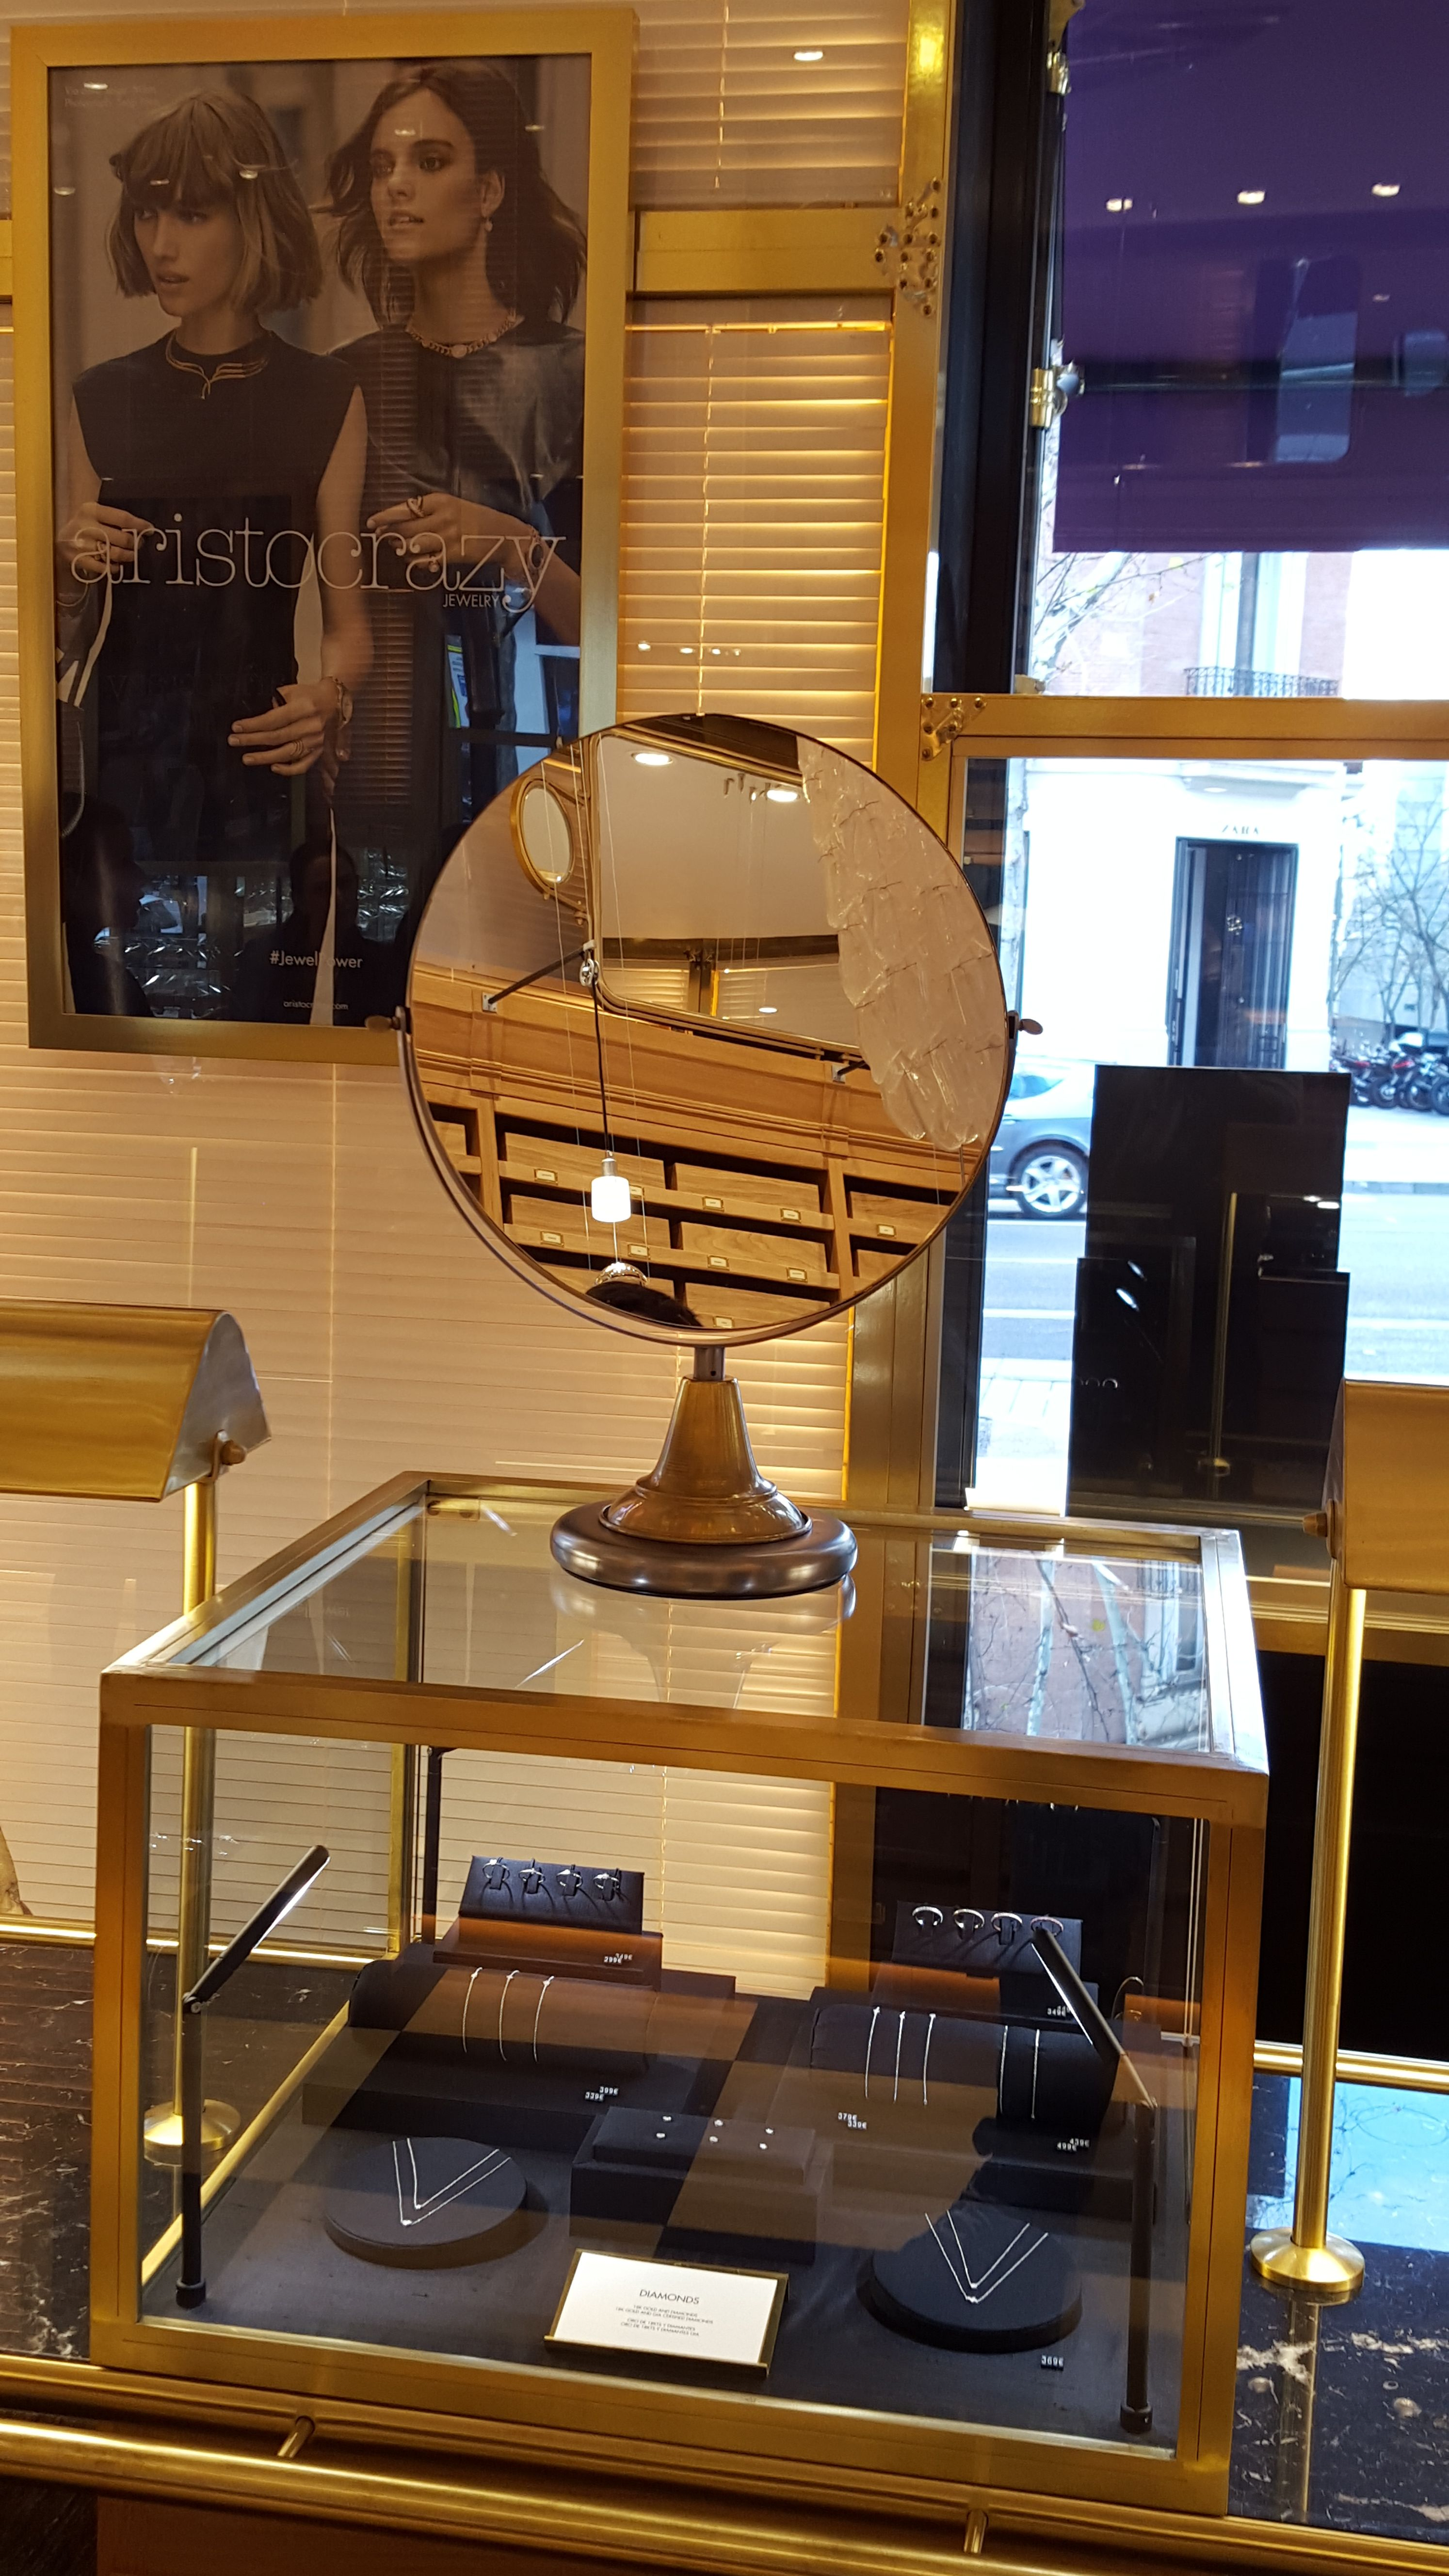 Proyecto Mueble Funcional Diseño De Mobiliario A Medida: Espejo Vintage Para Una Joyería Fabricado Por Dajor